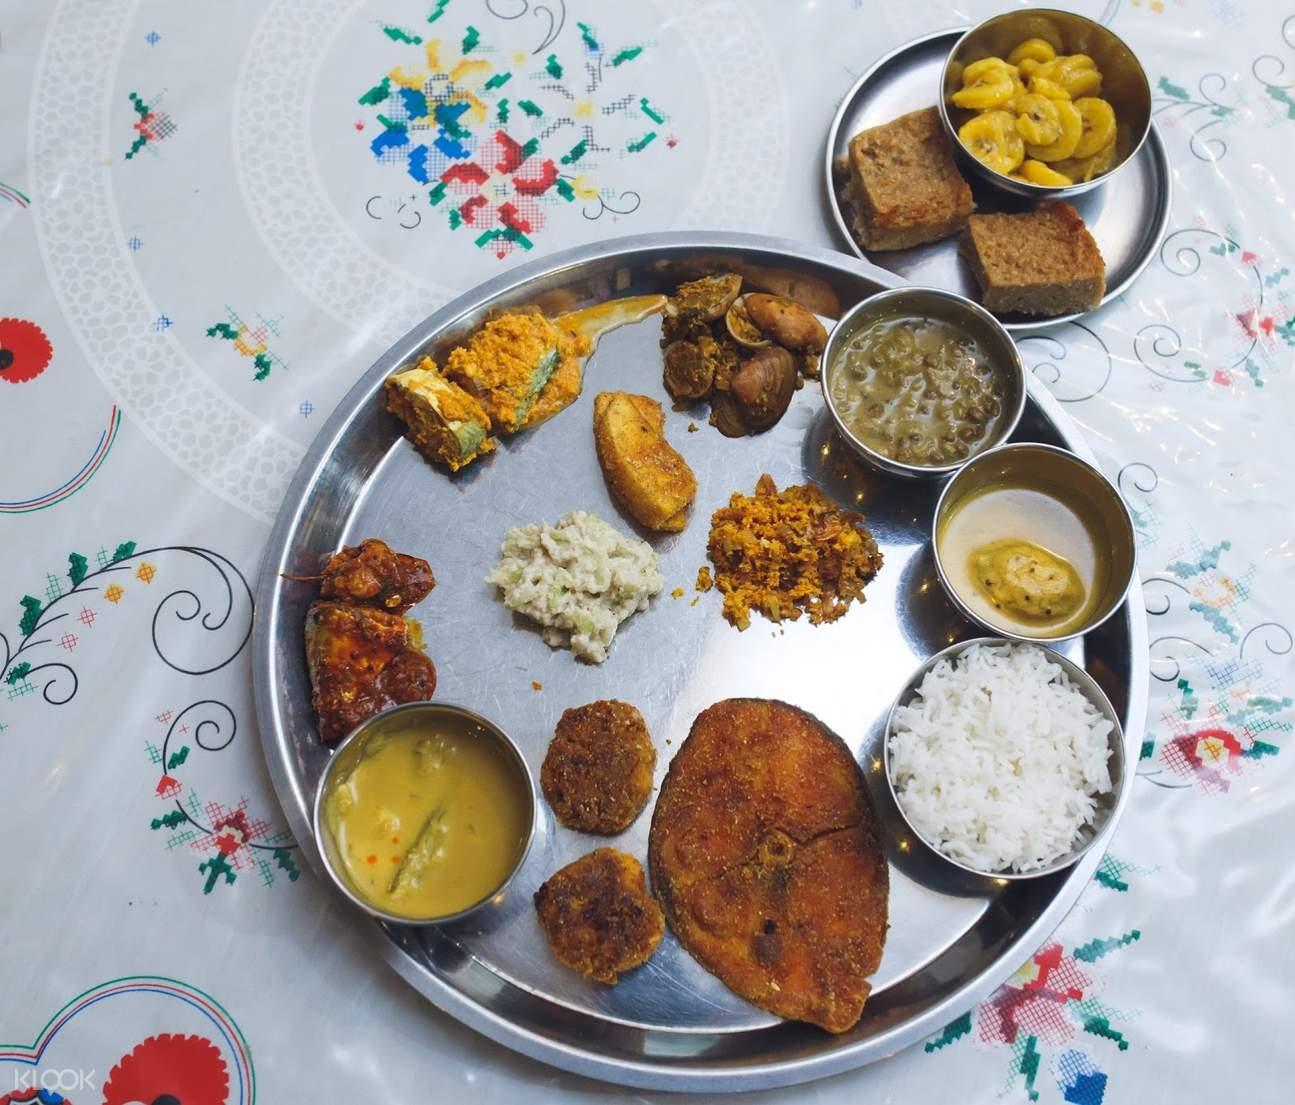 Goa dining